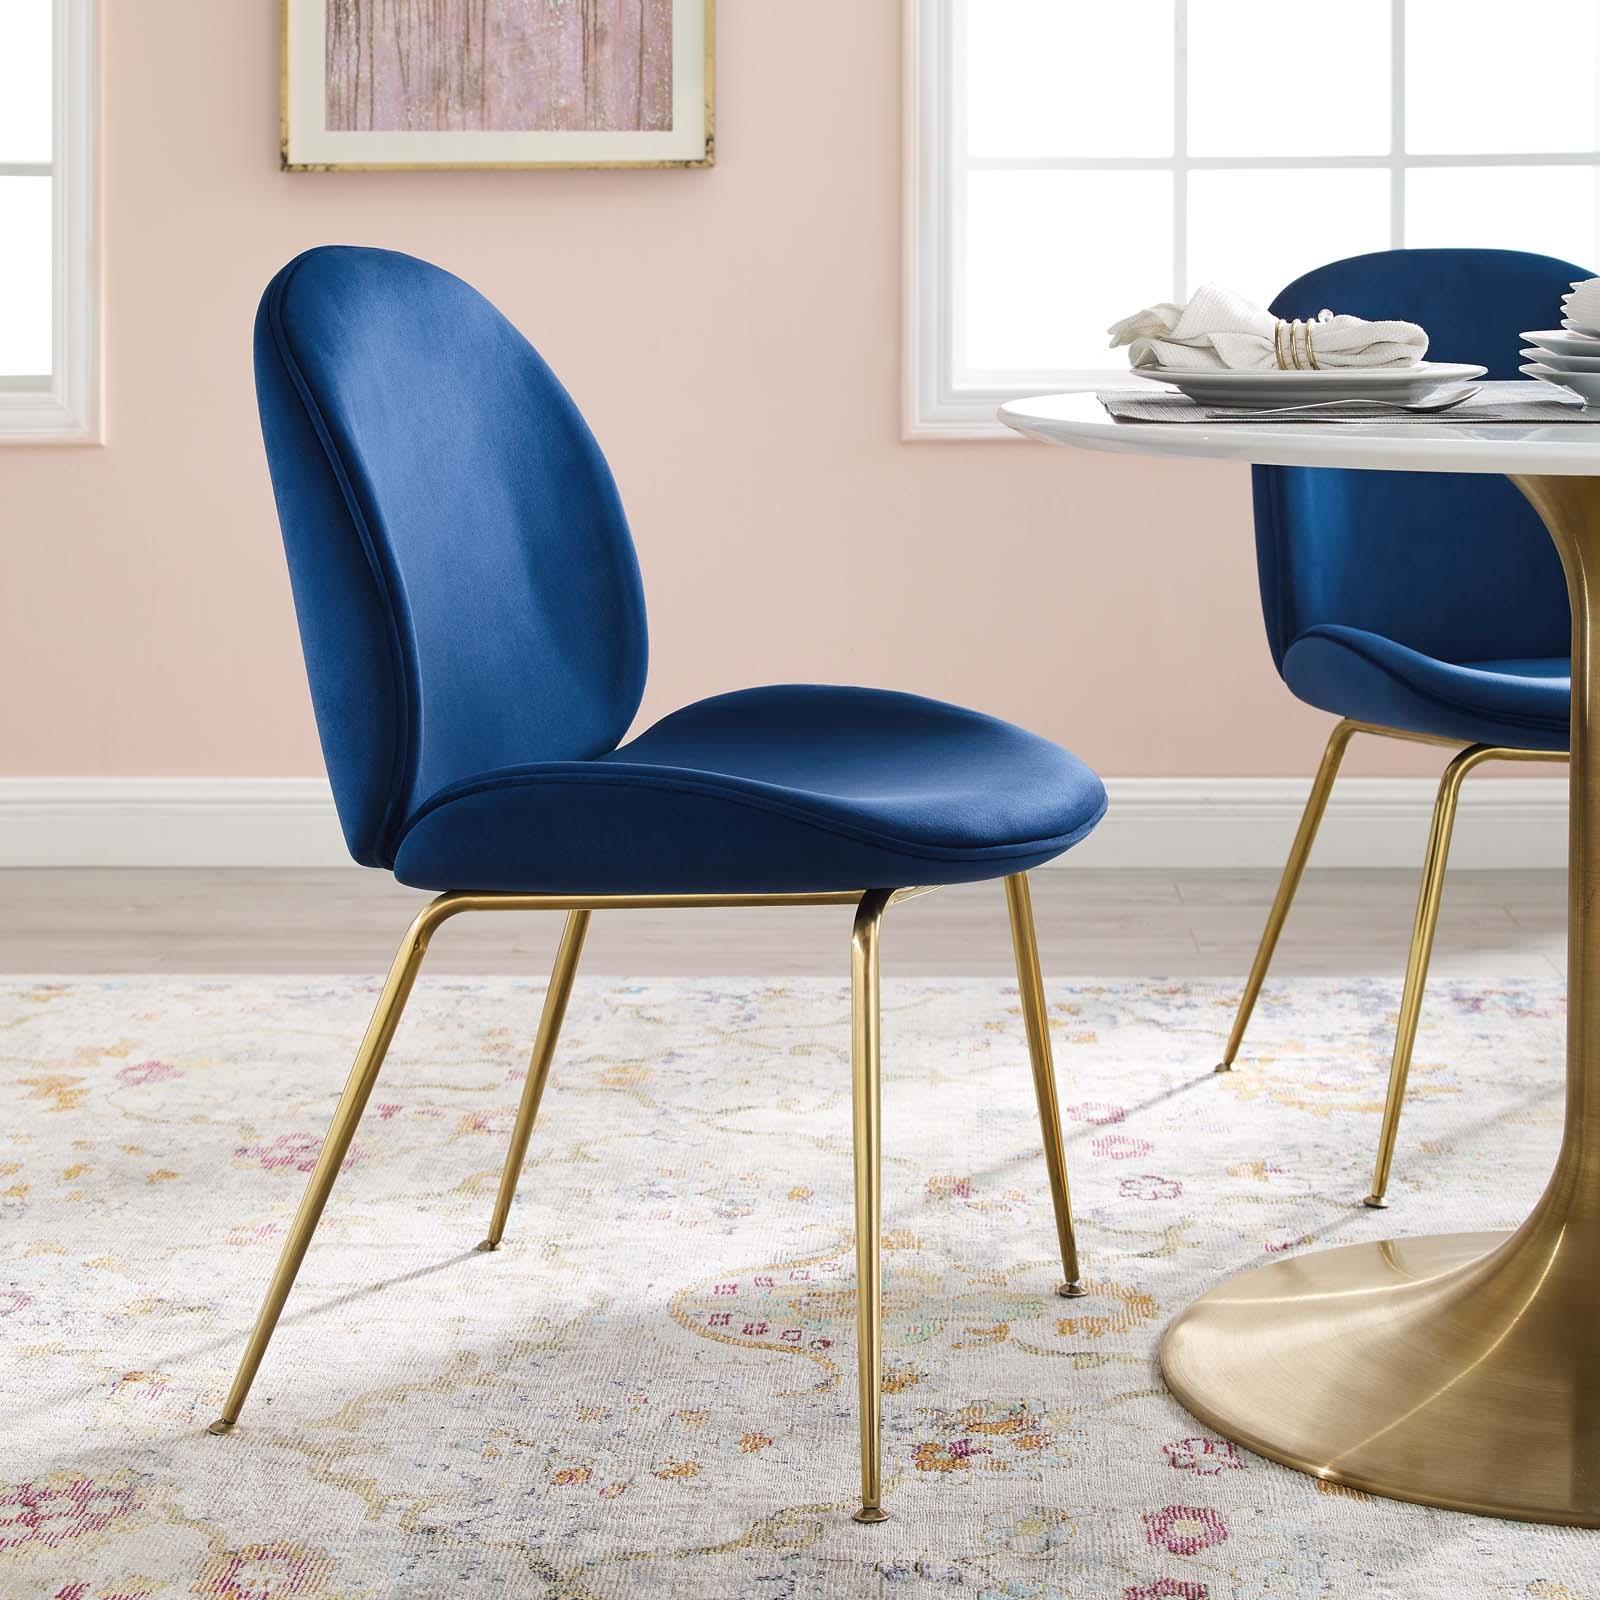 Scoop Gold Stainless Steel Leg Performance Velvet Dining Chair in Navy